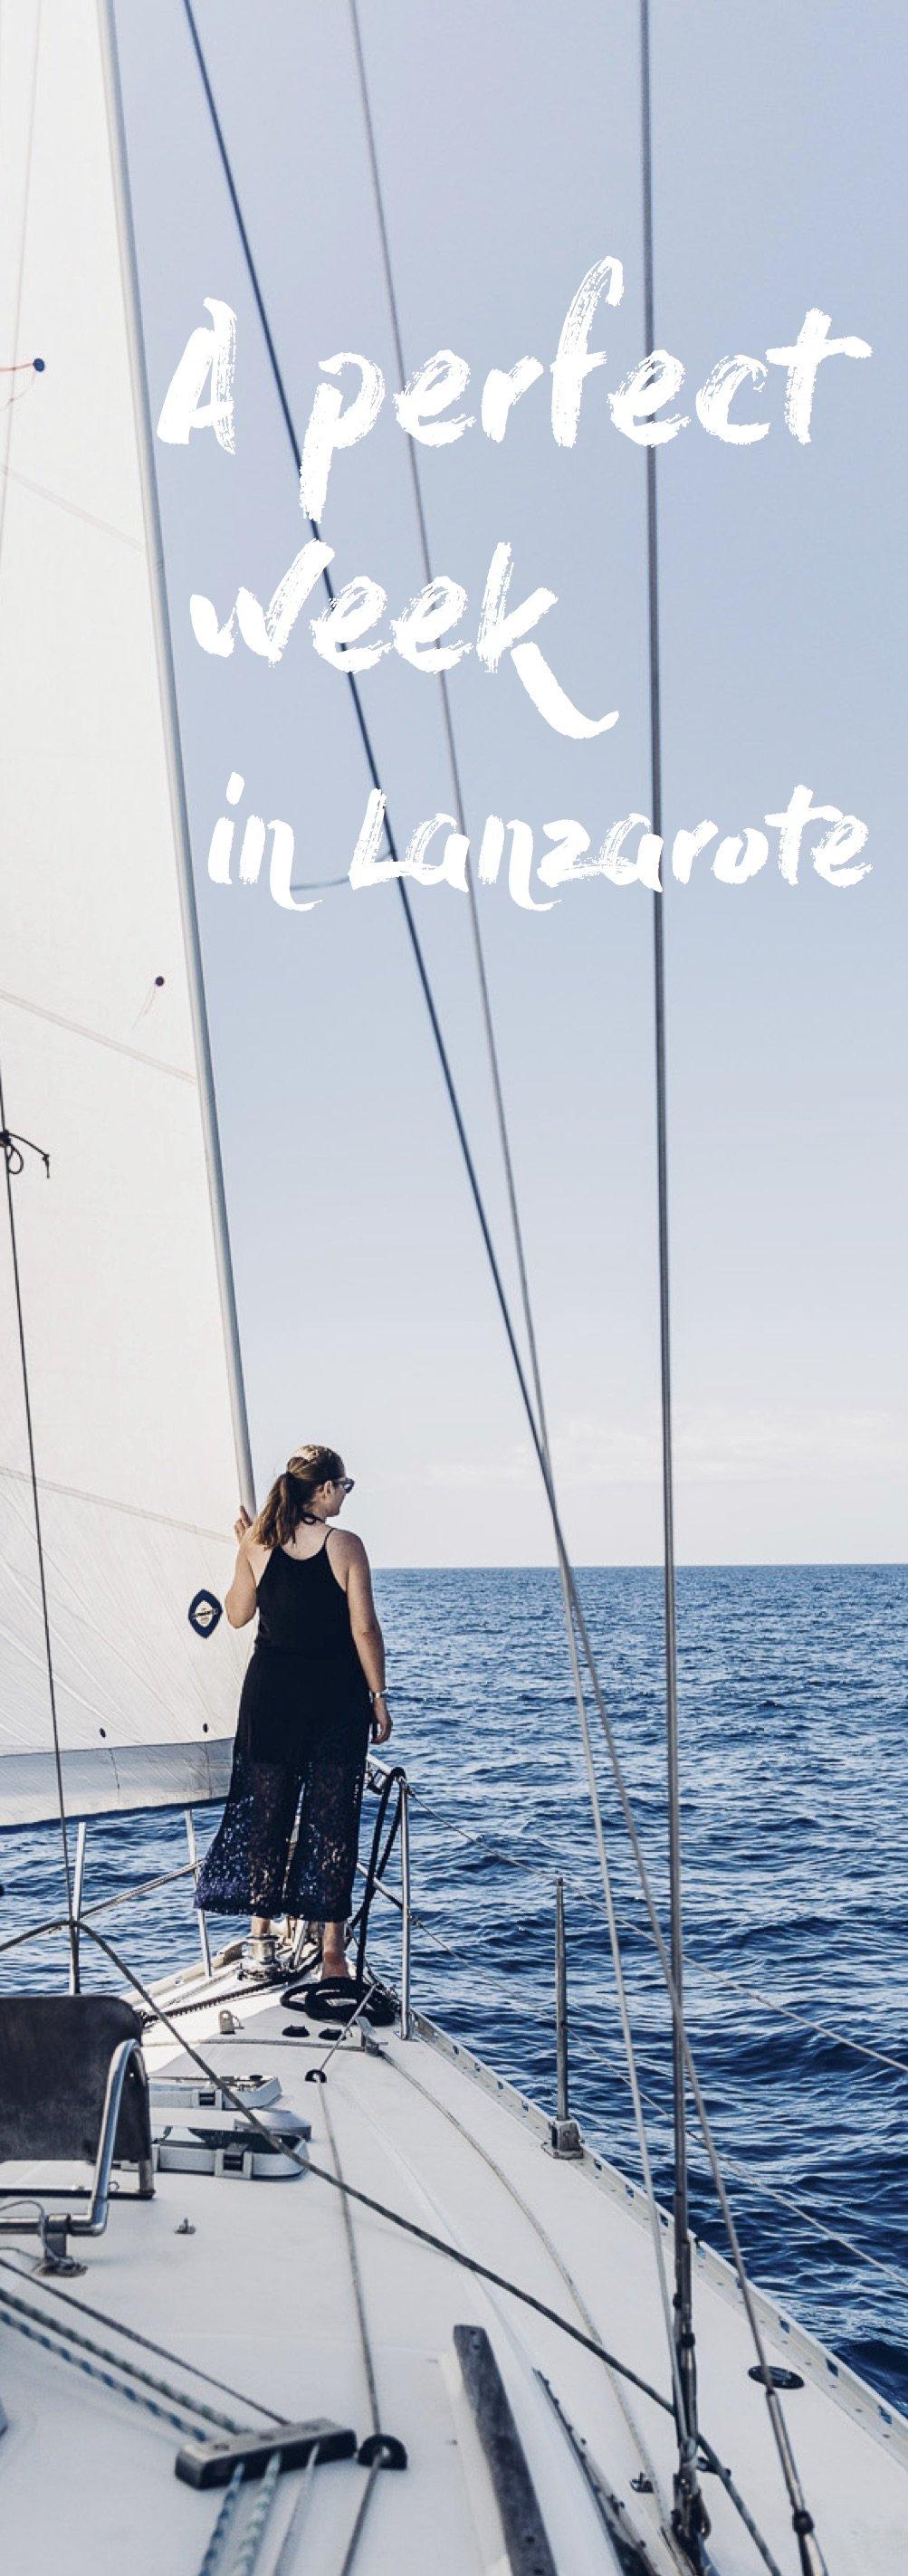 One week in Lanzarote Pinterest